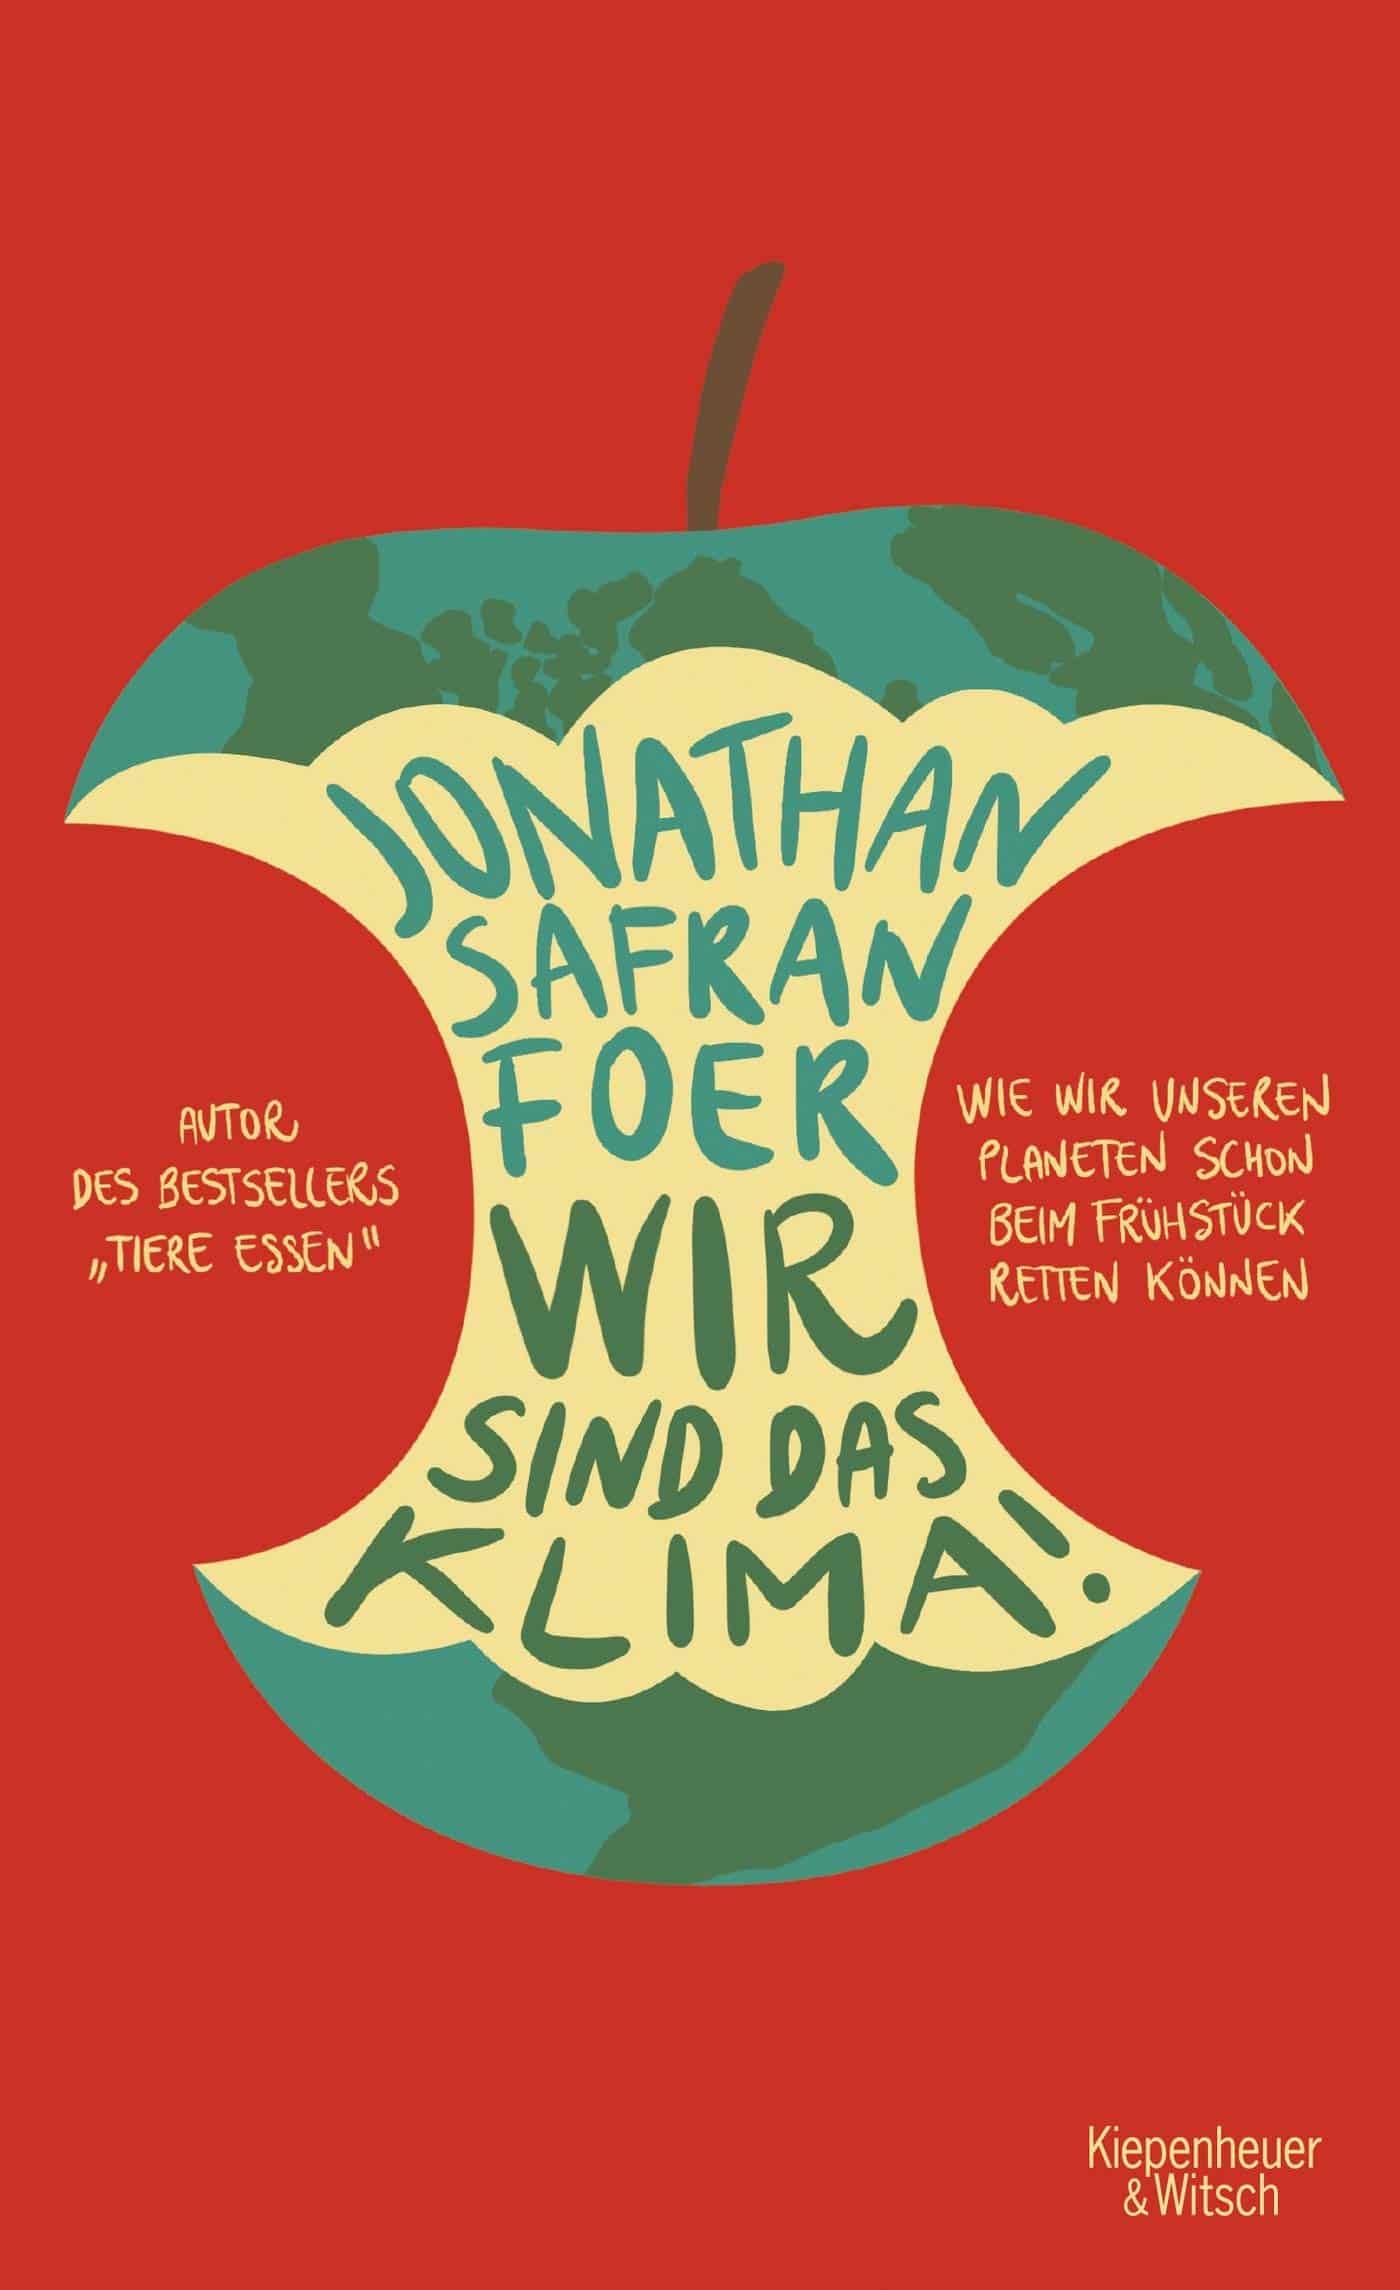 Wir sind das Klima Buch Nachhaltige Bücher